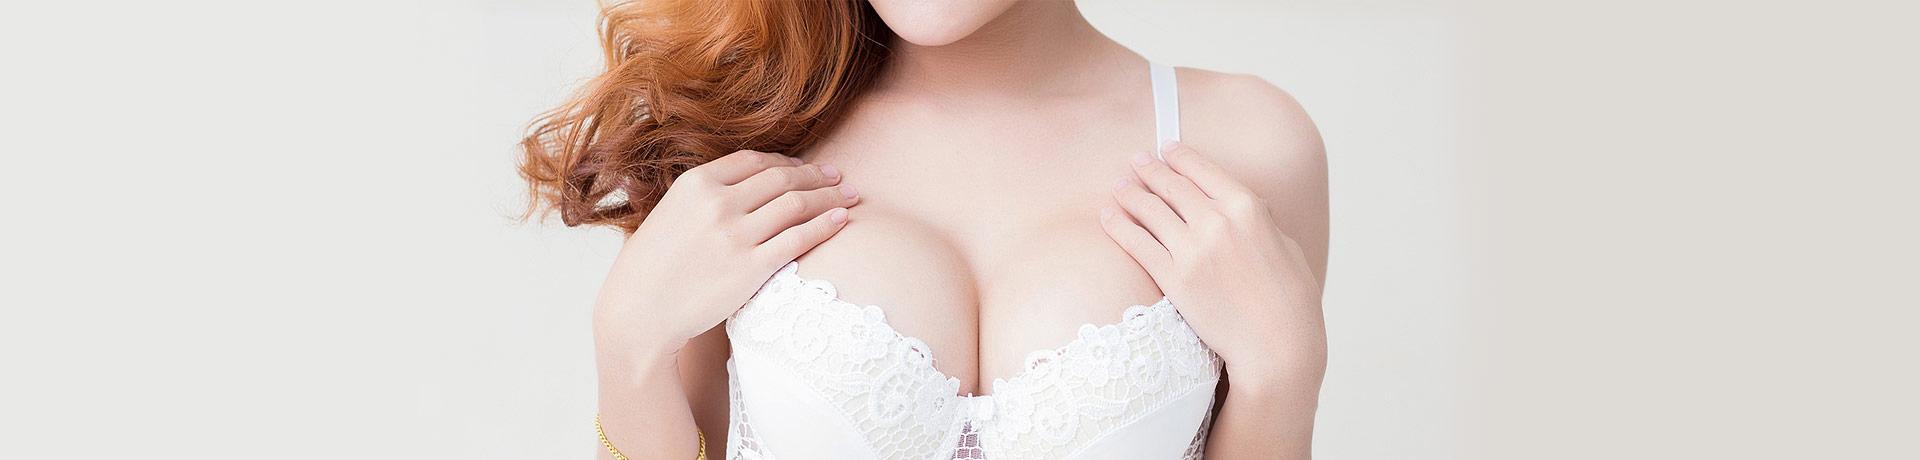 Facharzt und Klinik für Brustvergrößerung mit Eigenfett München